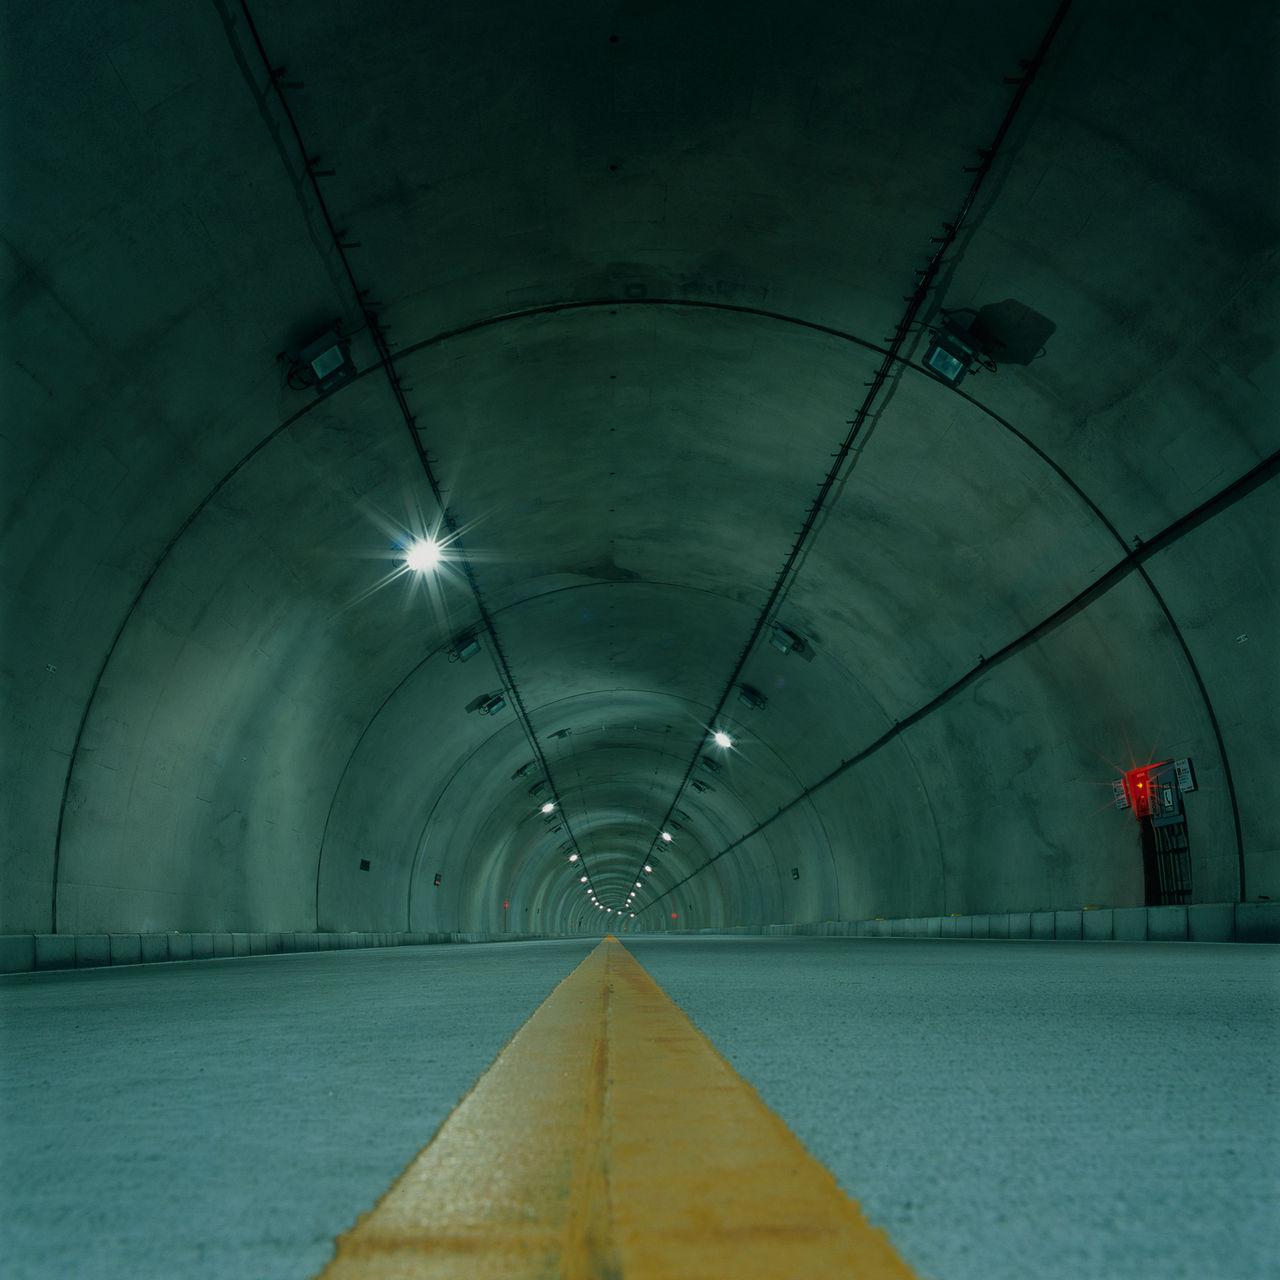 Danmark bygger tunnel till Tyskland